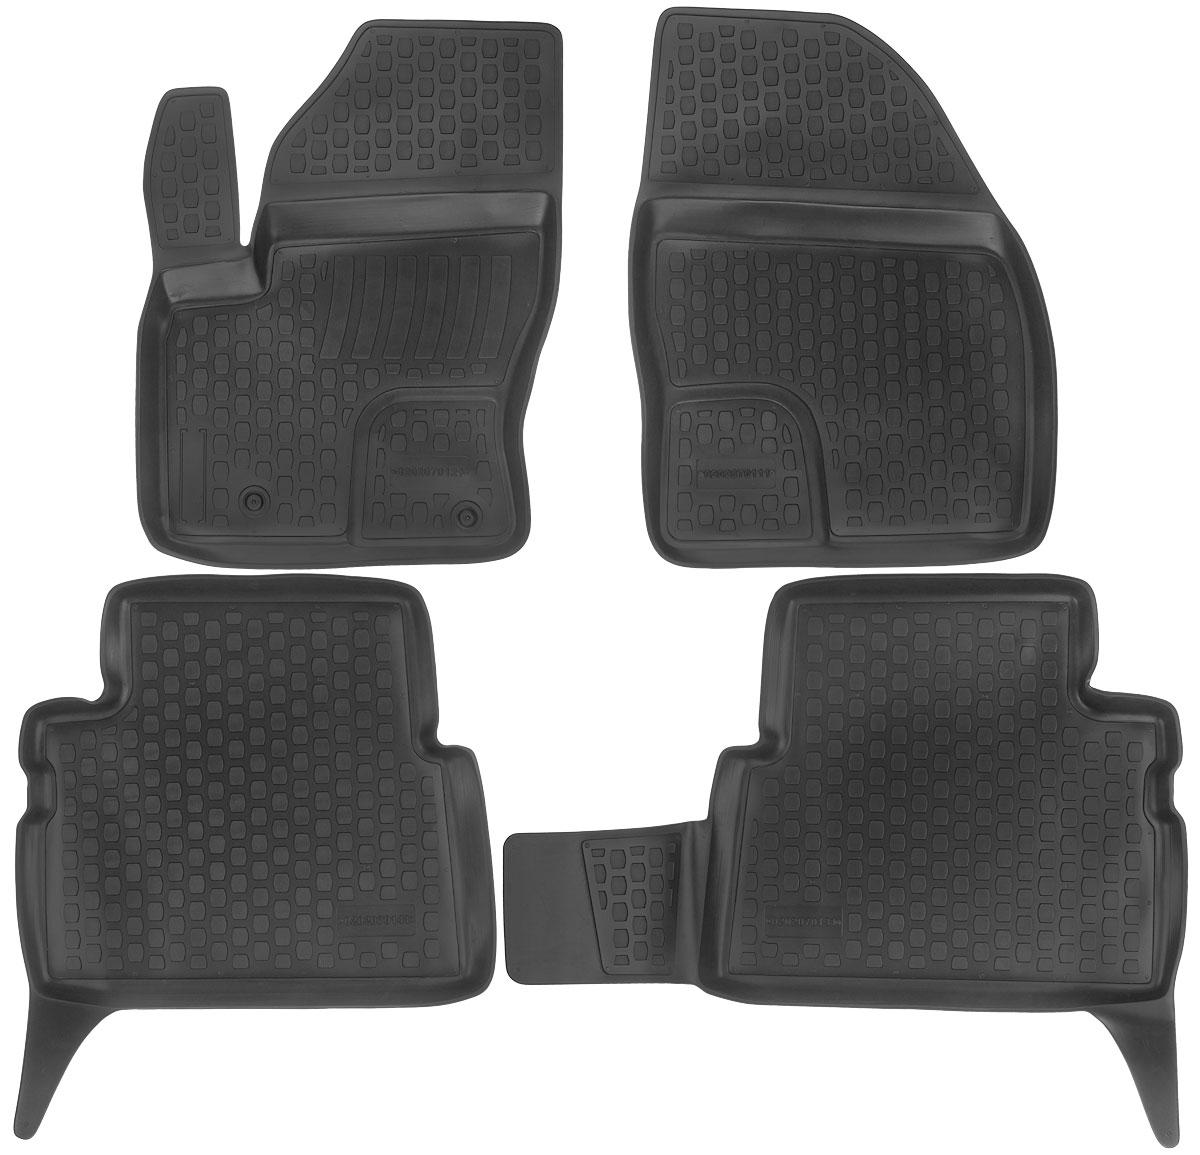 Набор автомобильных ковриков L.Locker Ford C-Max 2002, в салон, 4 шт0202070101Набор L.Locker Ford C-Max 2002, изготовленный из полиуретана, состоит из 4 антискользящих 3D ковриков, которые производятся индивидуально для каждой модели автомобиля. Изделие точно повторяет геометрию пола автомобиля, имеет высокий борт, обладает повышенной износоустойчивостью, лишено резкого запаха и сохраняет свои потребительские свойства в широком диапазоне температур от -50°С до +50°С. Комплектация: 4 шт. Размер ковриков: 69 см х 51 см; 59 см х 54 см; 87 см х 54 см; 70 см х 53 см.